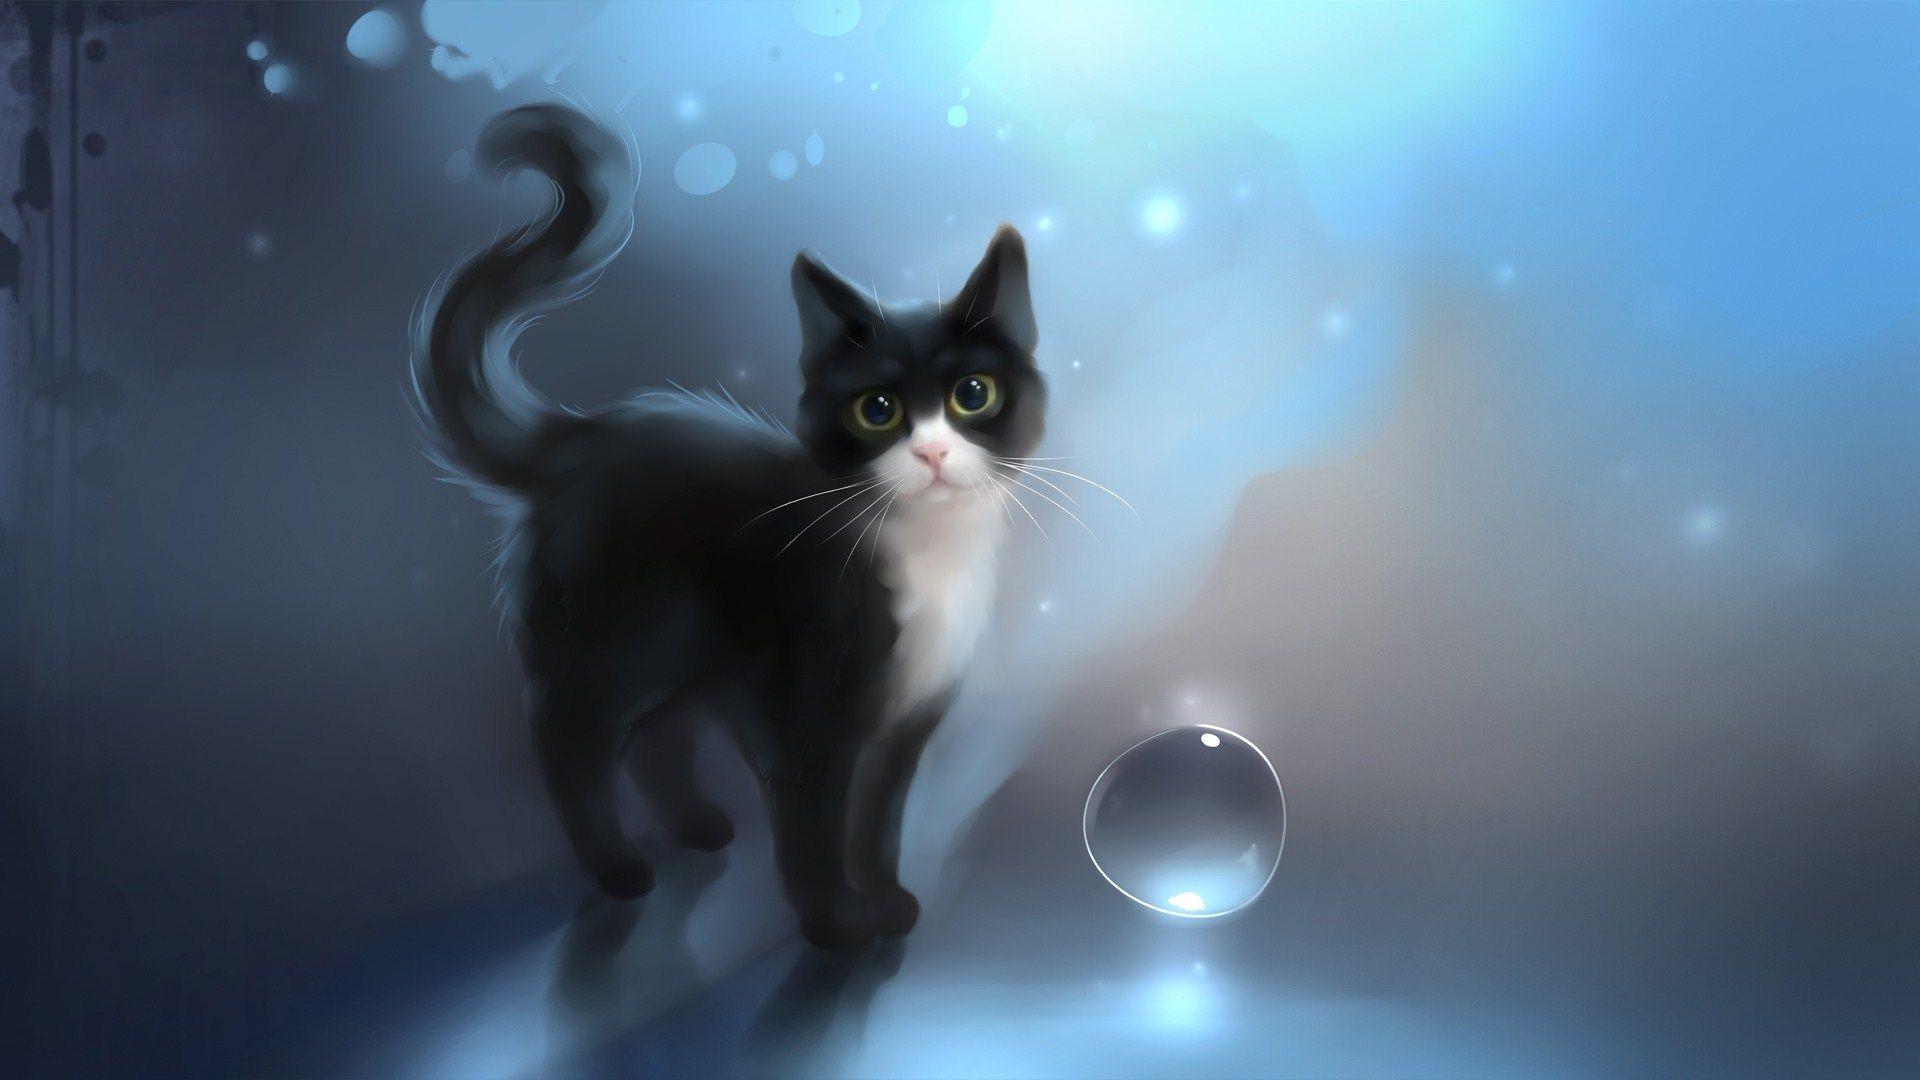 Cute Cat Halloween Wallpaper 05